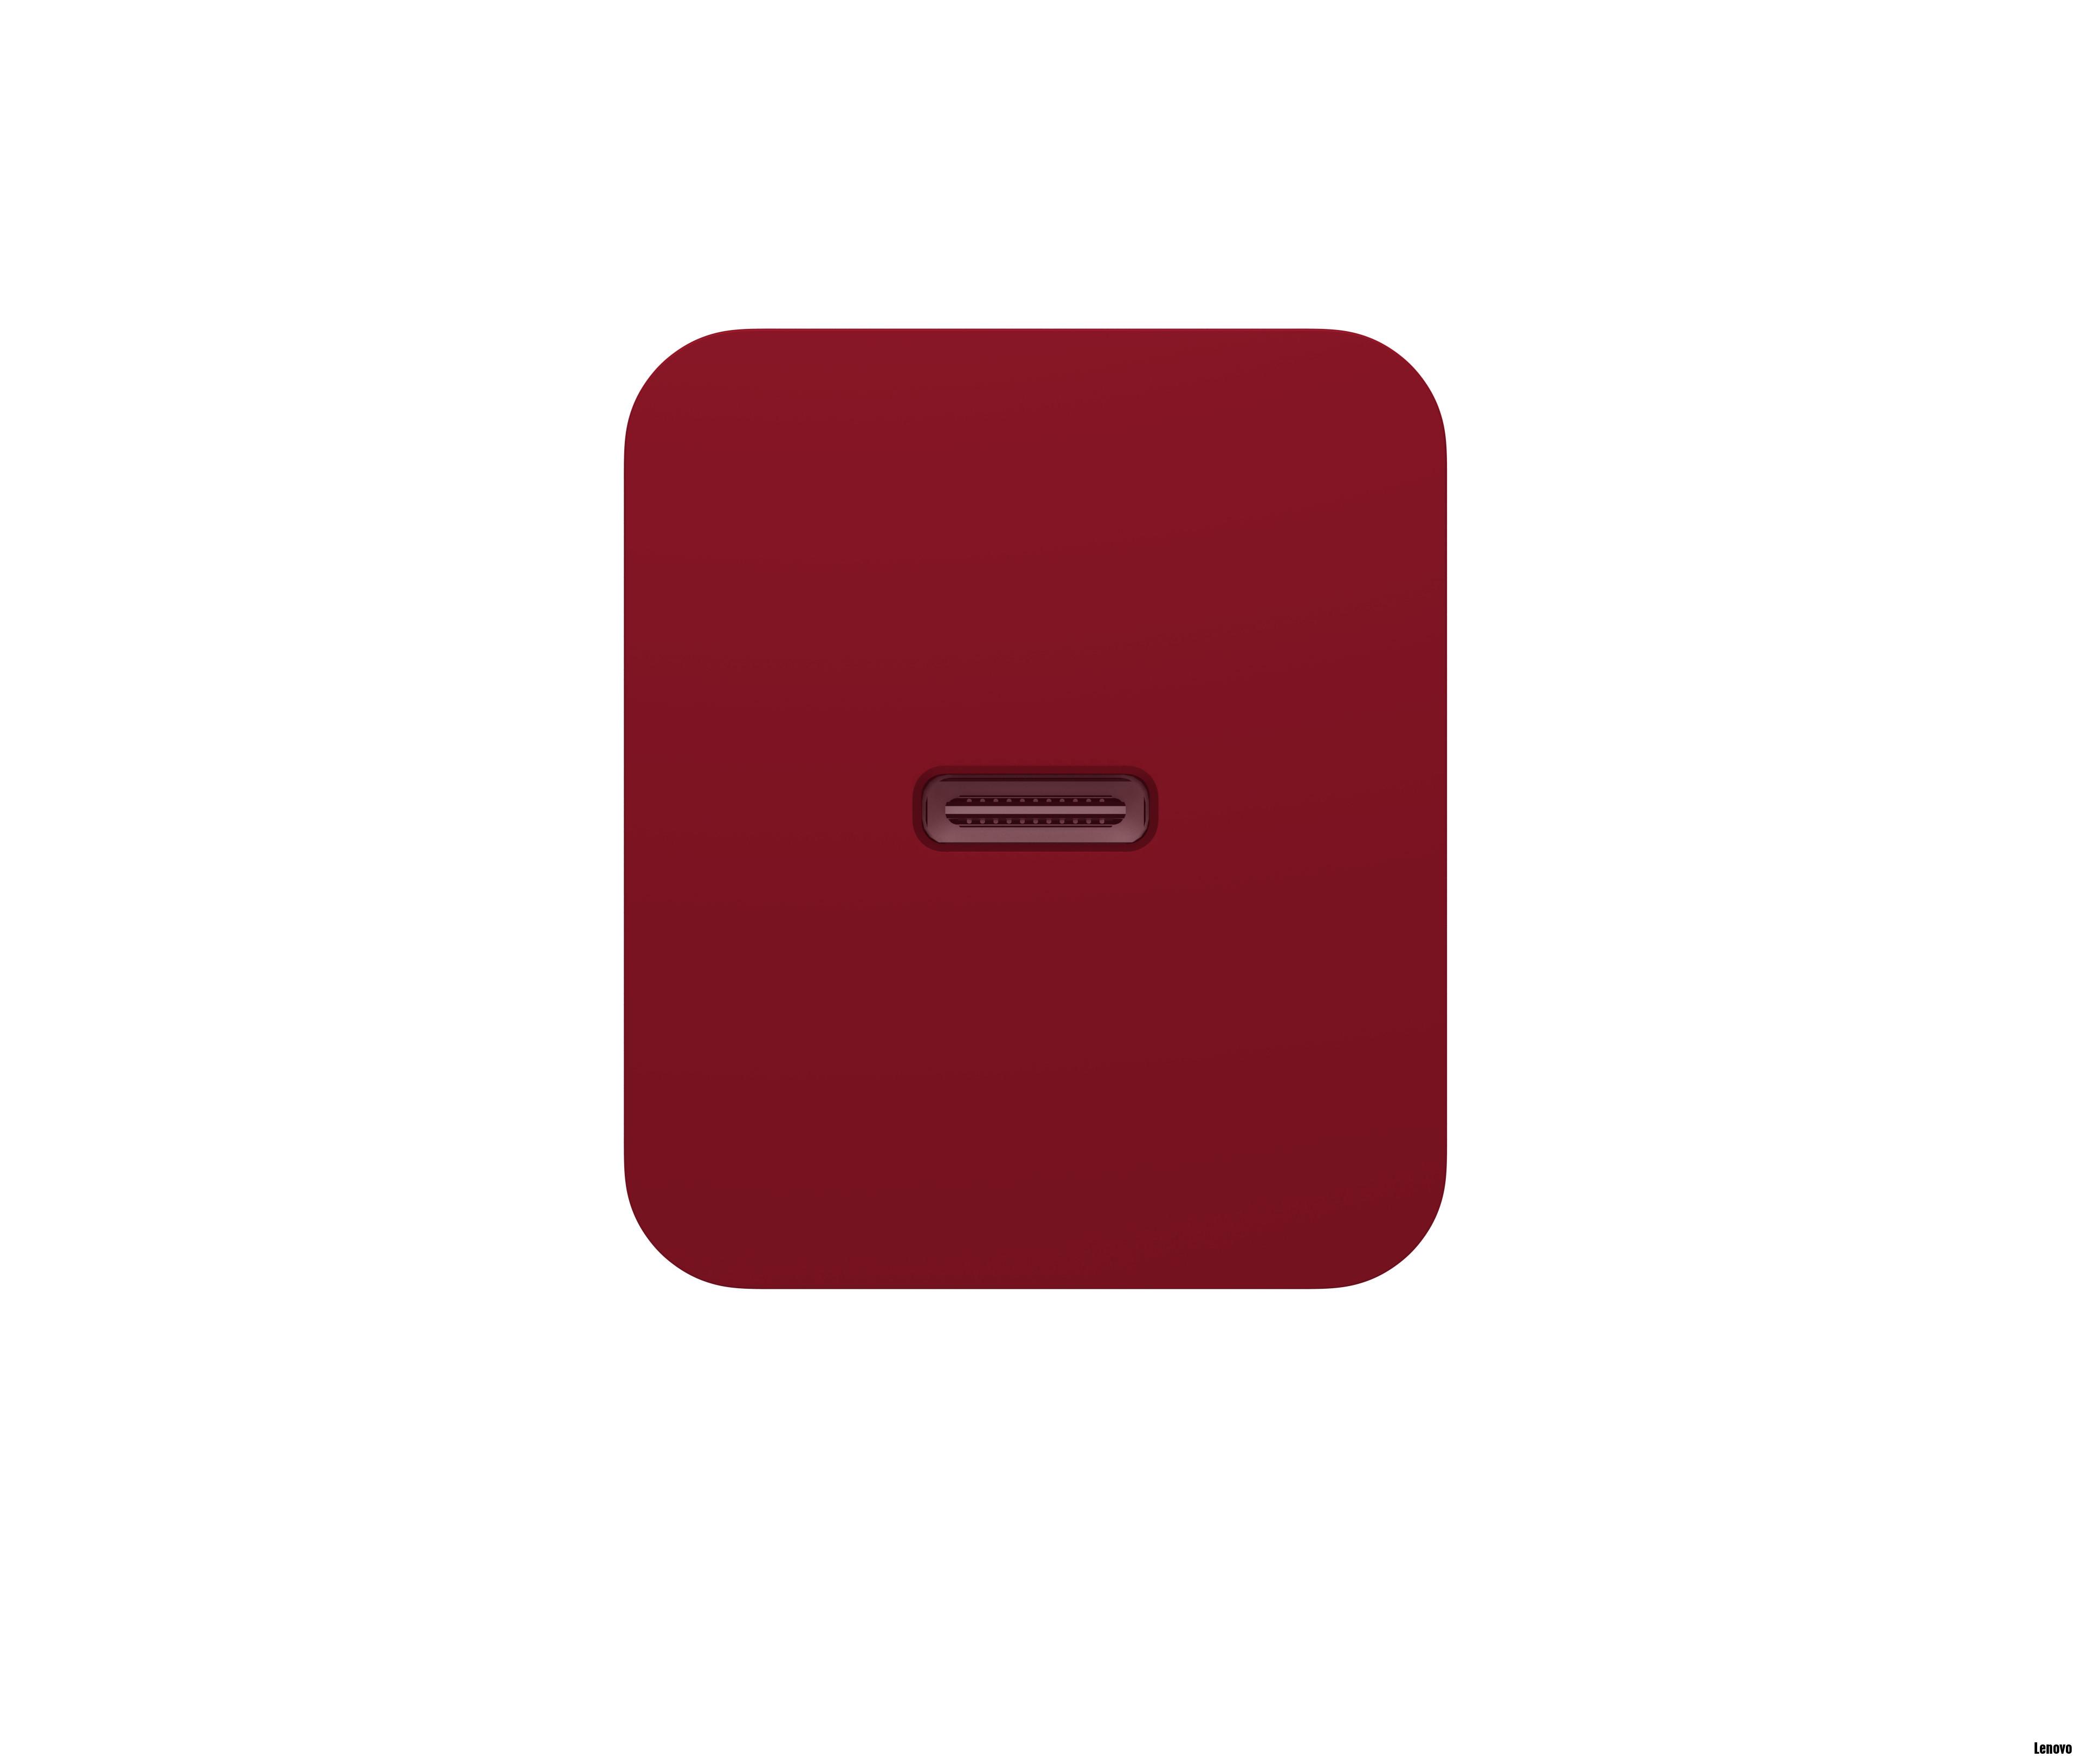 红色-创意照-角度4.jpg